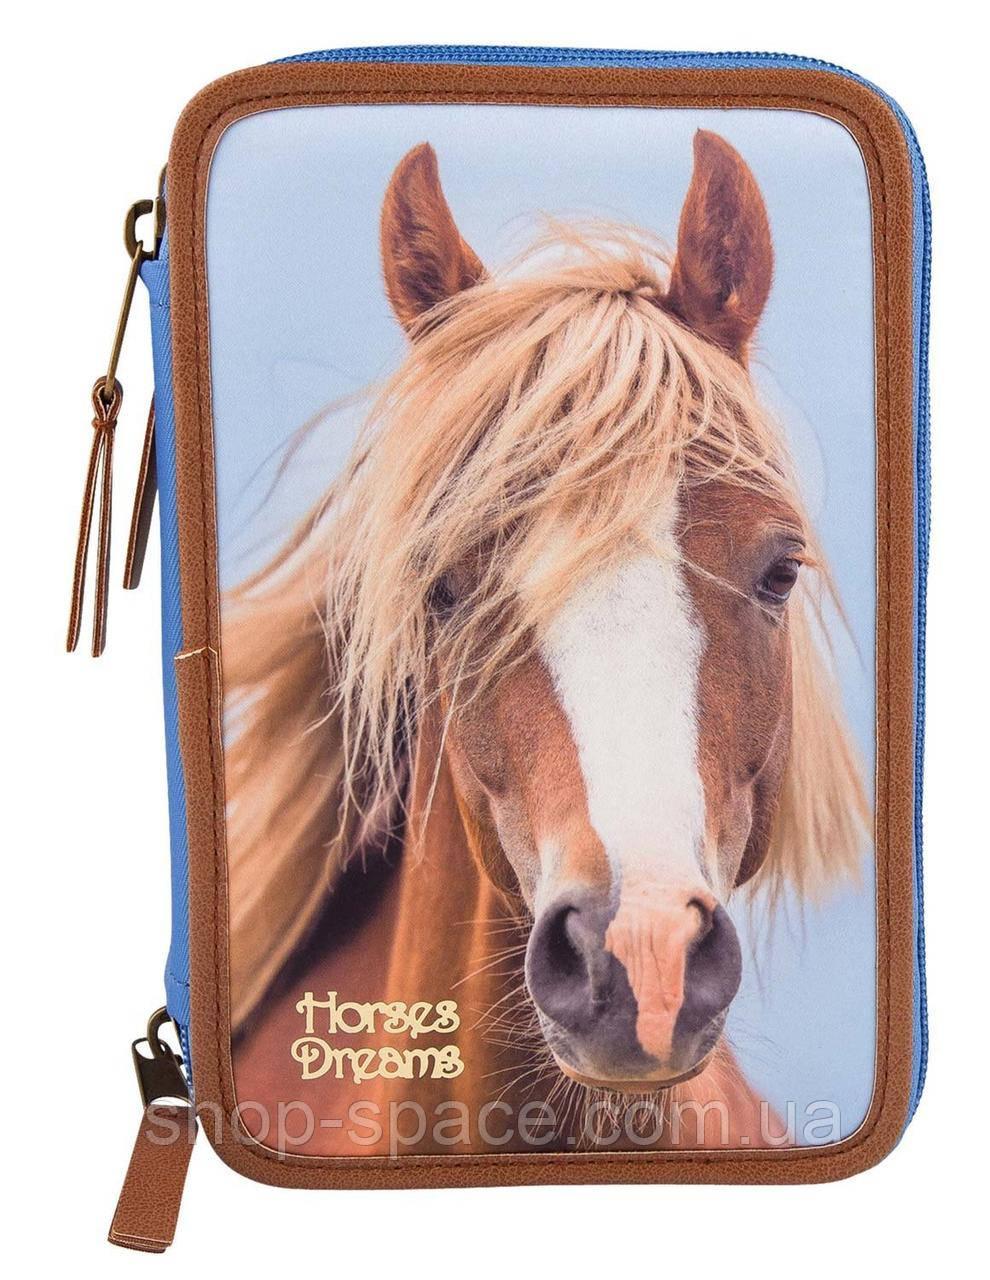 Пенал Top Model Horses Dreams с наполнением